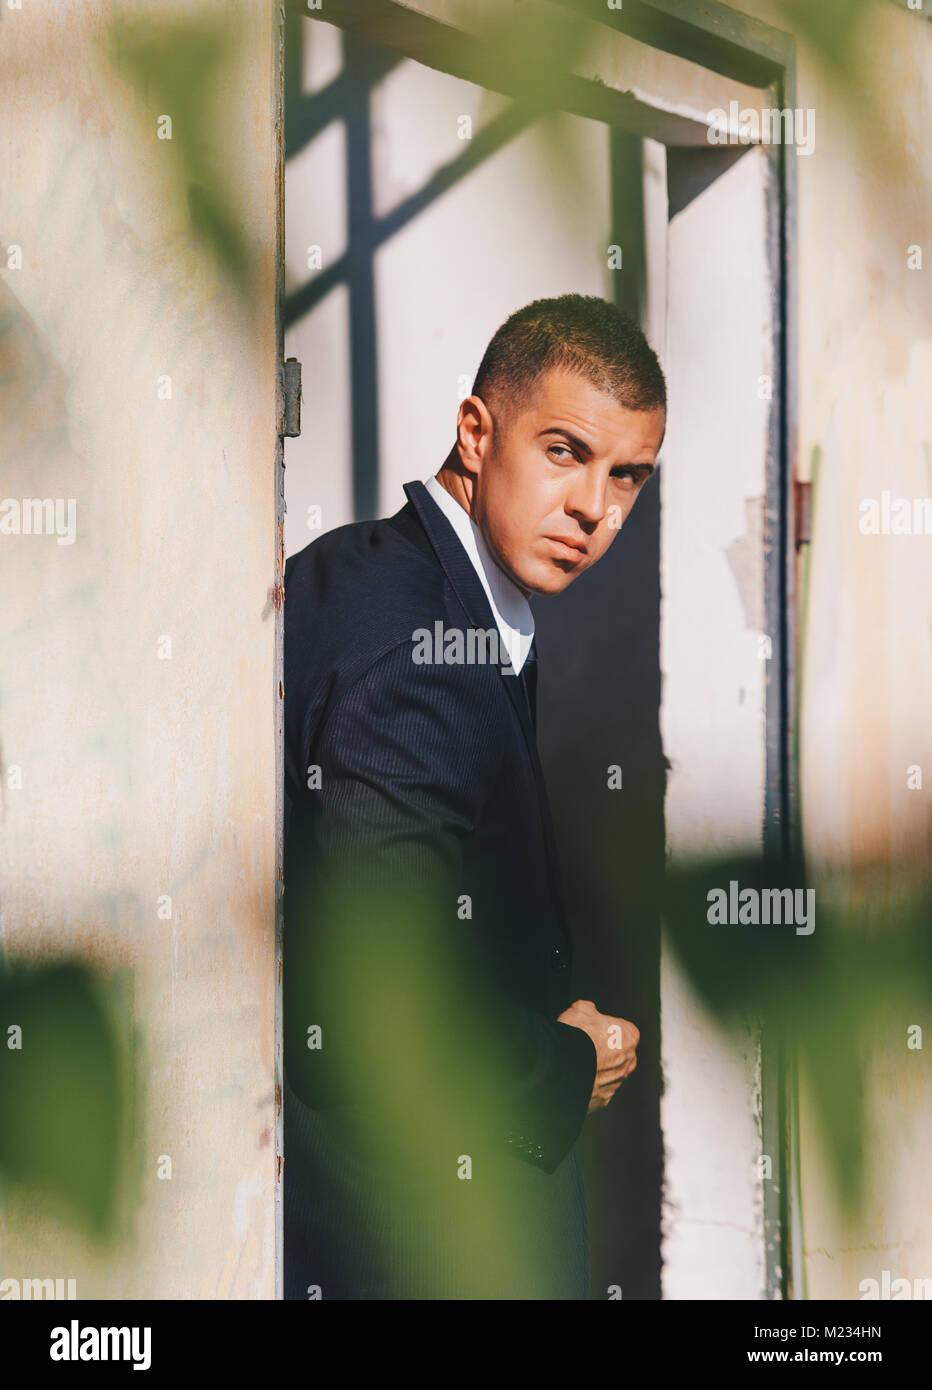 Schöner Mann im schwarzen Anzug und Sonnenbrille. Secret Agent, Mafia, Bodyguard Konzept. Stockbild